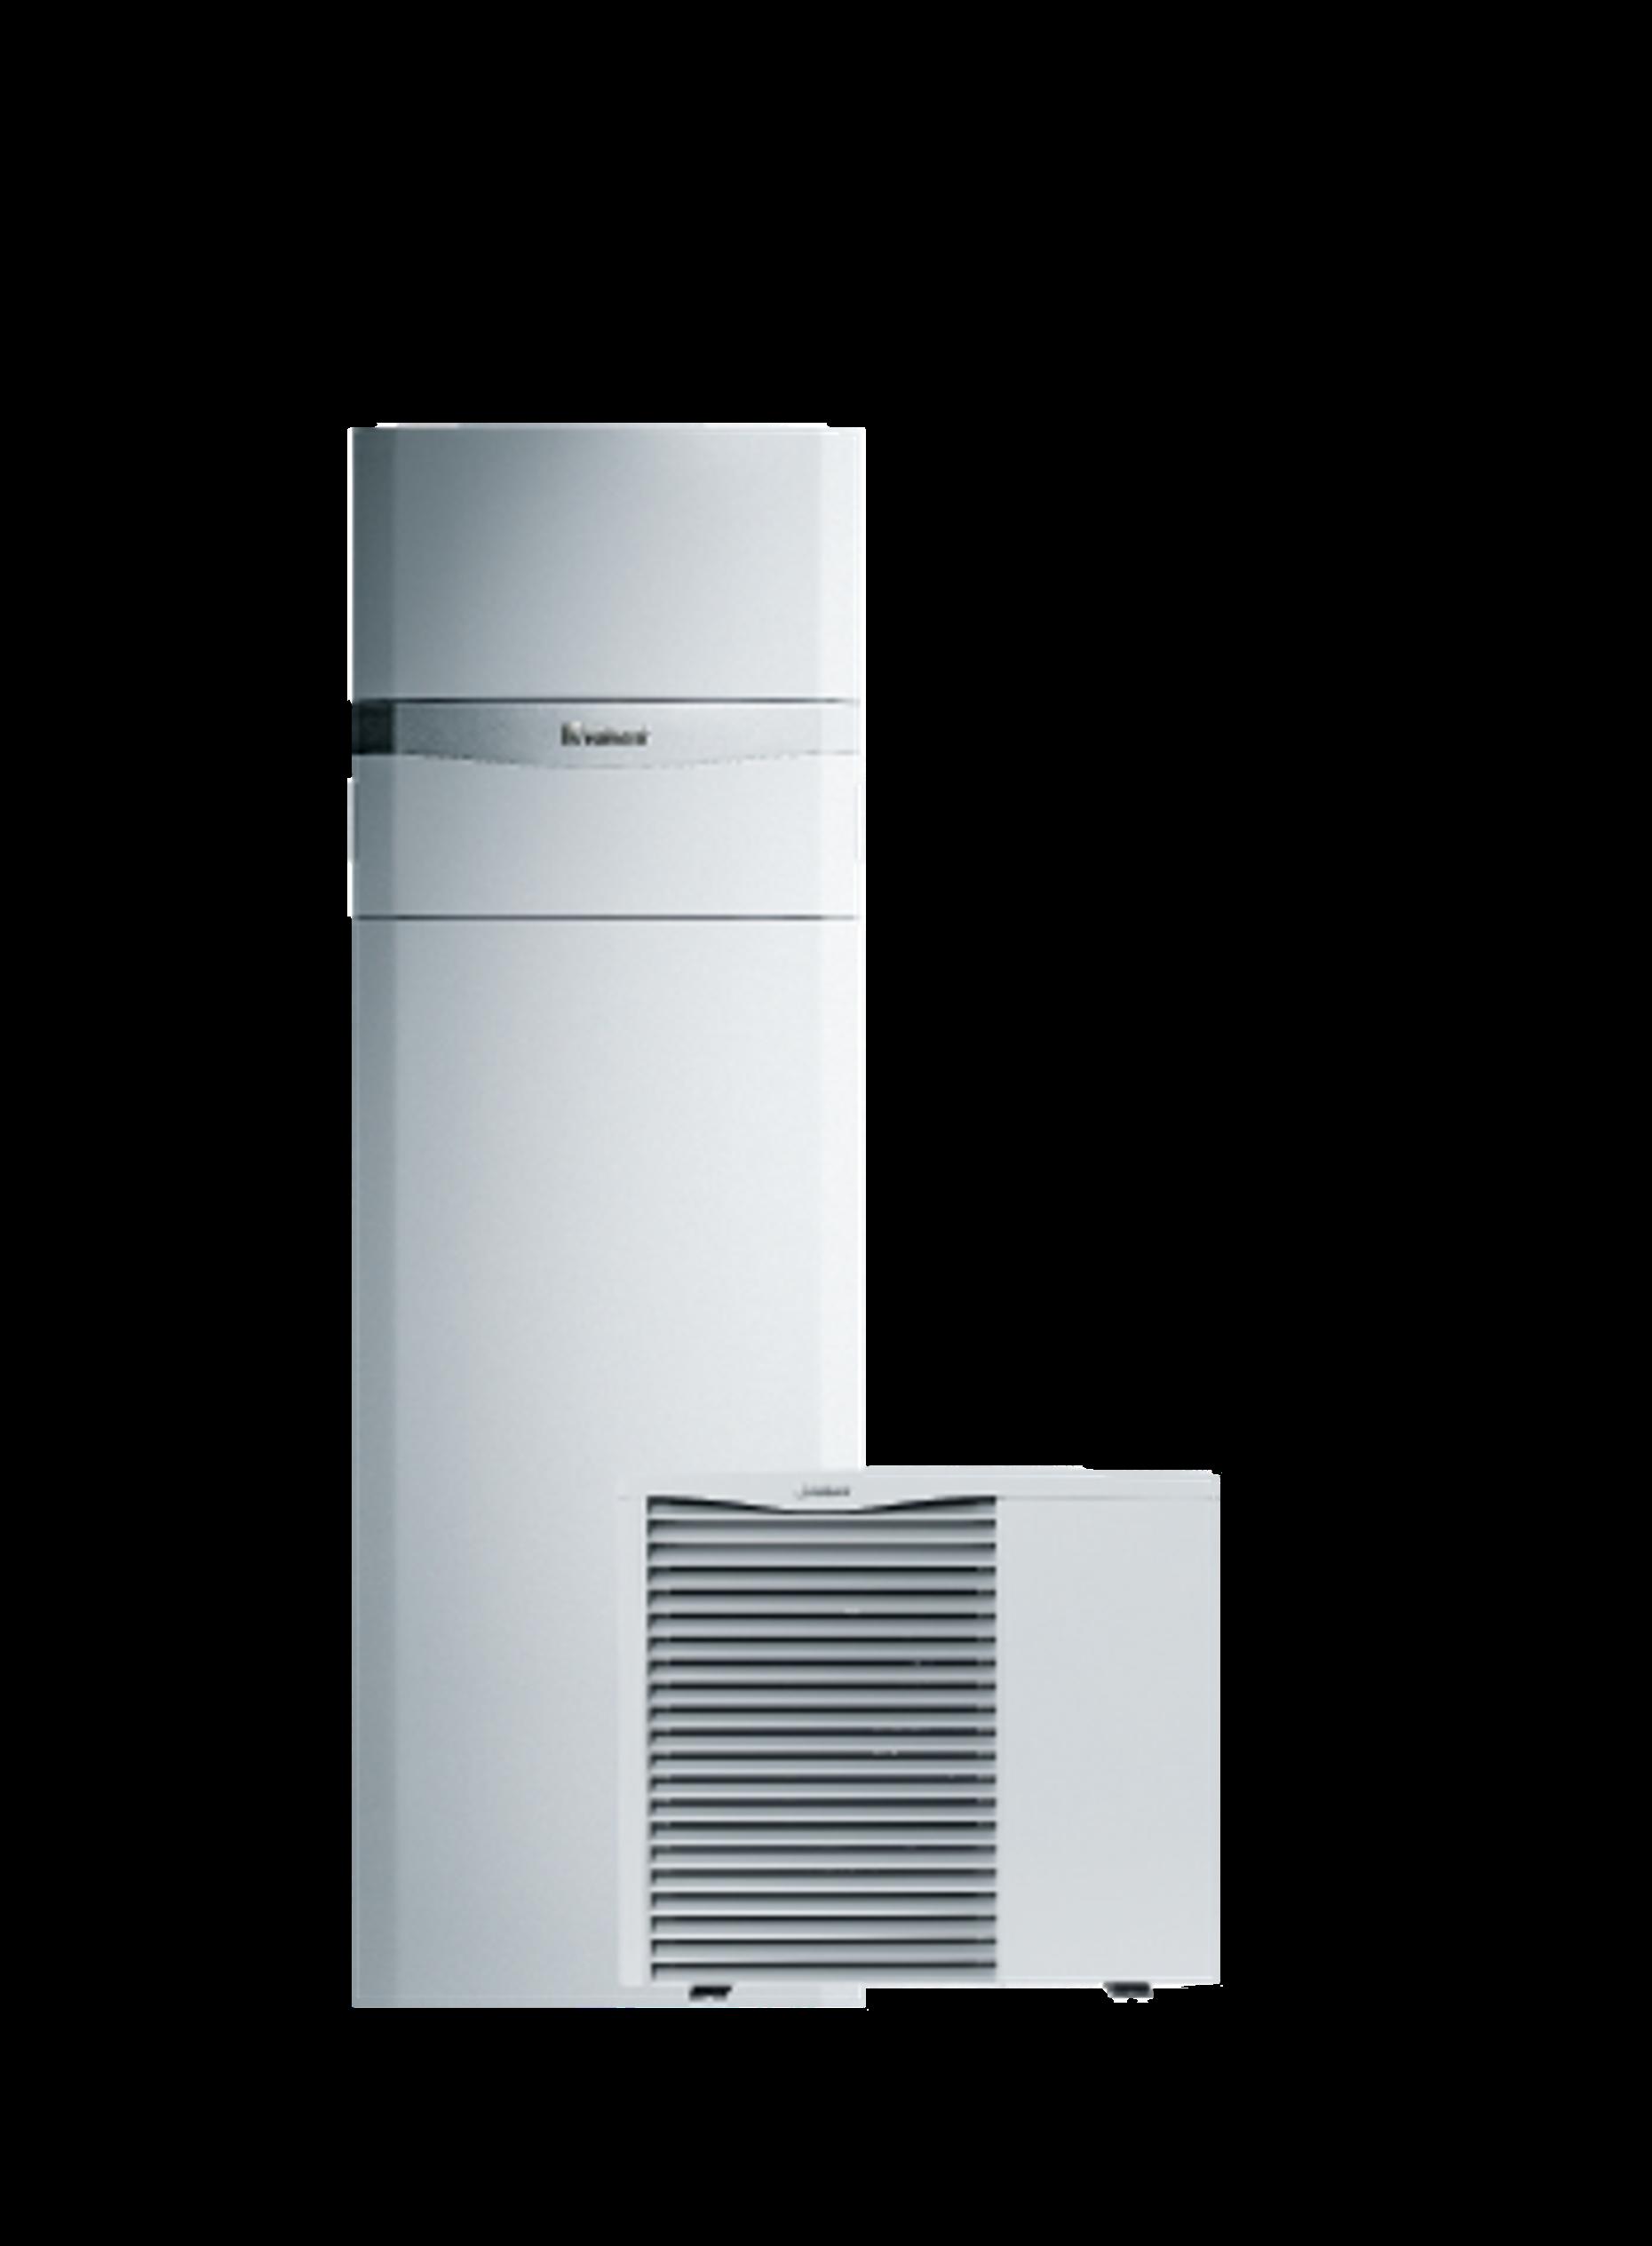 Arotherm unitower pompe chaleur monobloc air eau - Pompe a chaleur monobloc interieur ...